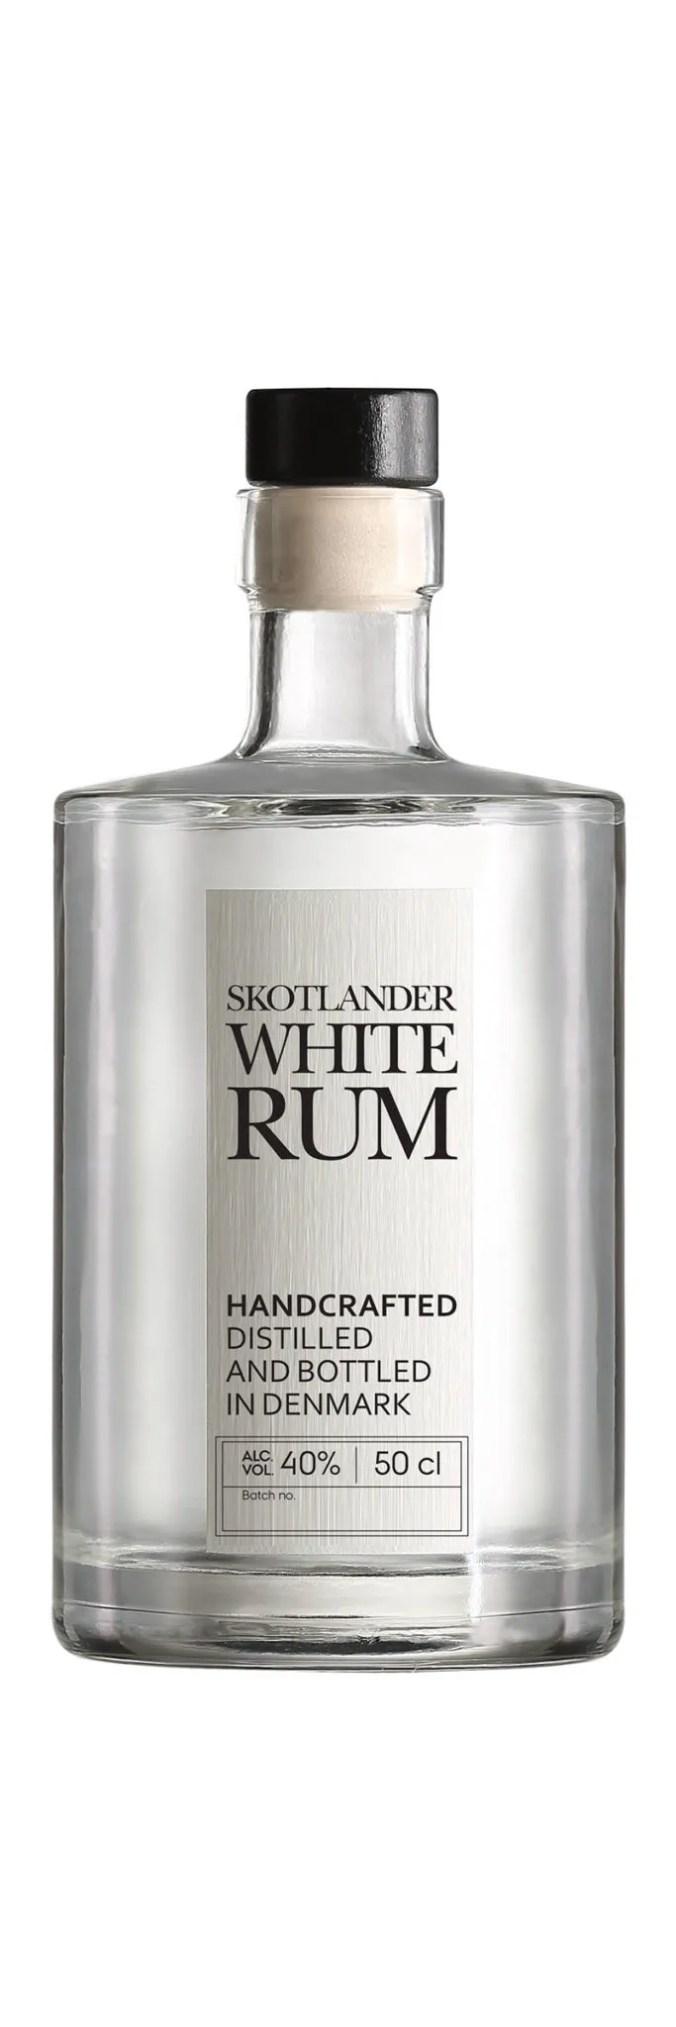 Skotlander white rum from Denmark